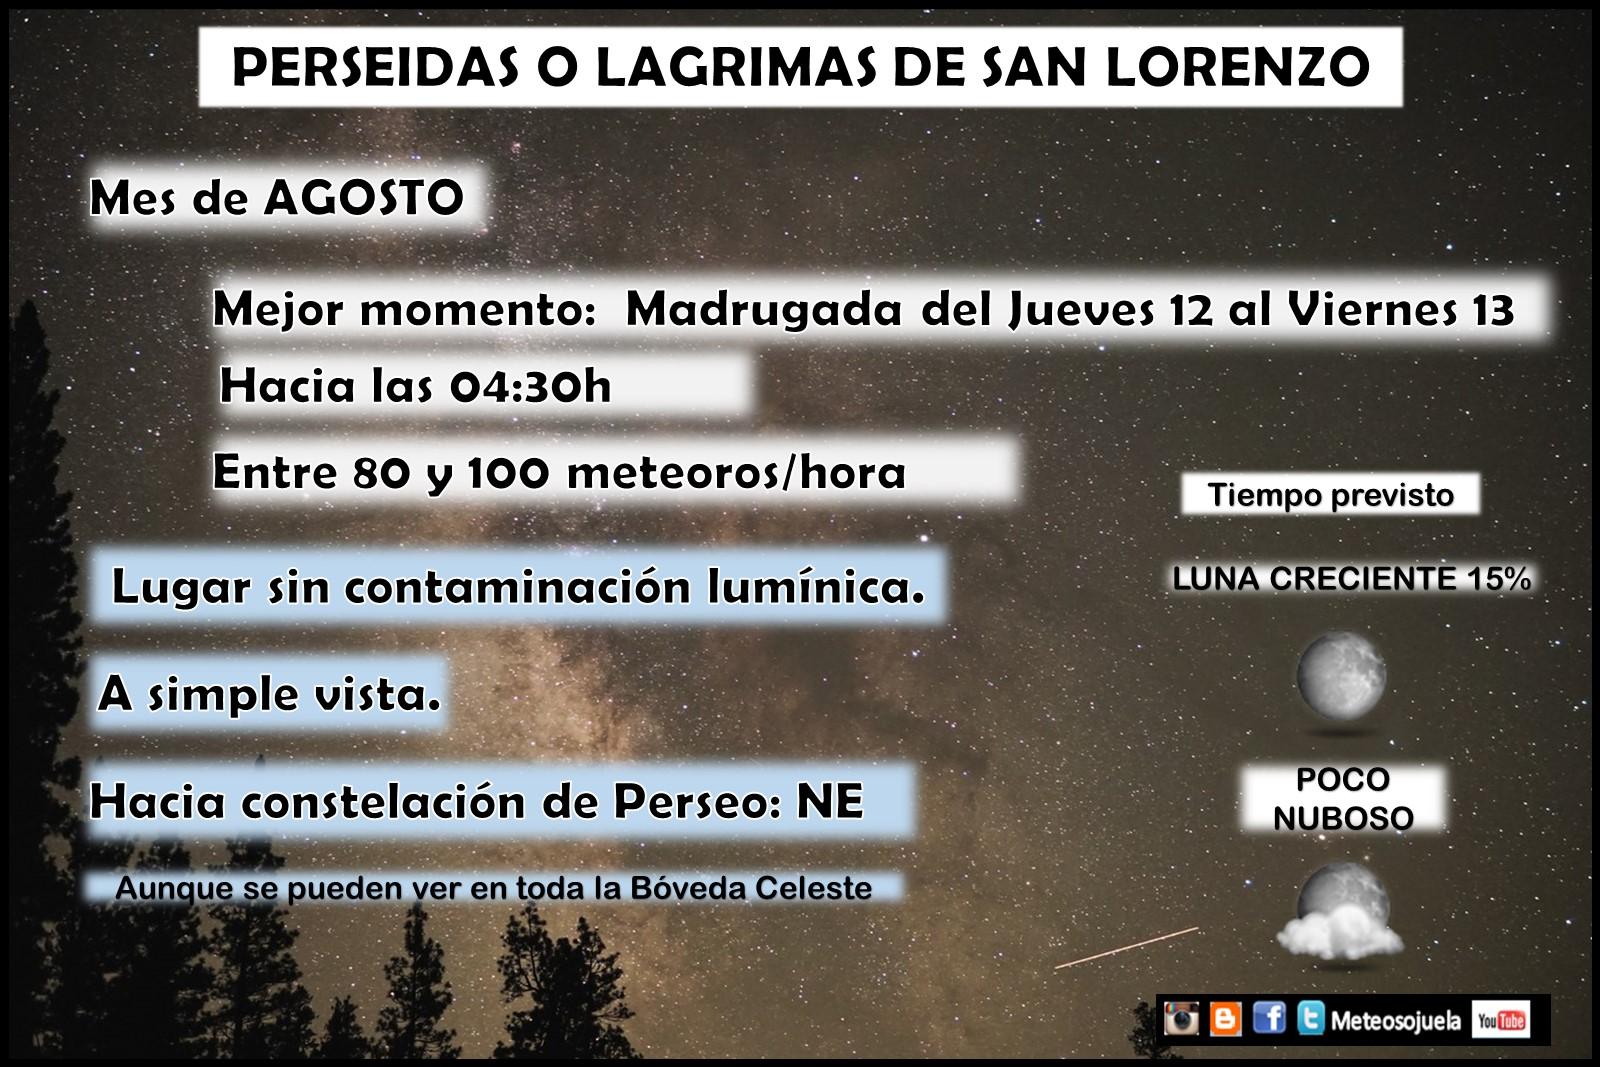 LLuvia de estrellas de las Perseidas o Lagrimas de San Lorenzo